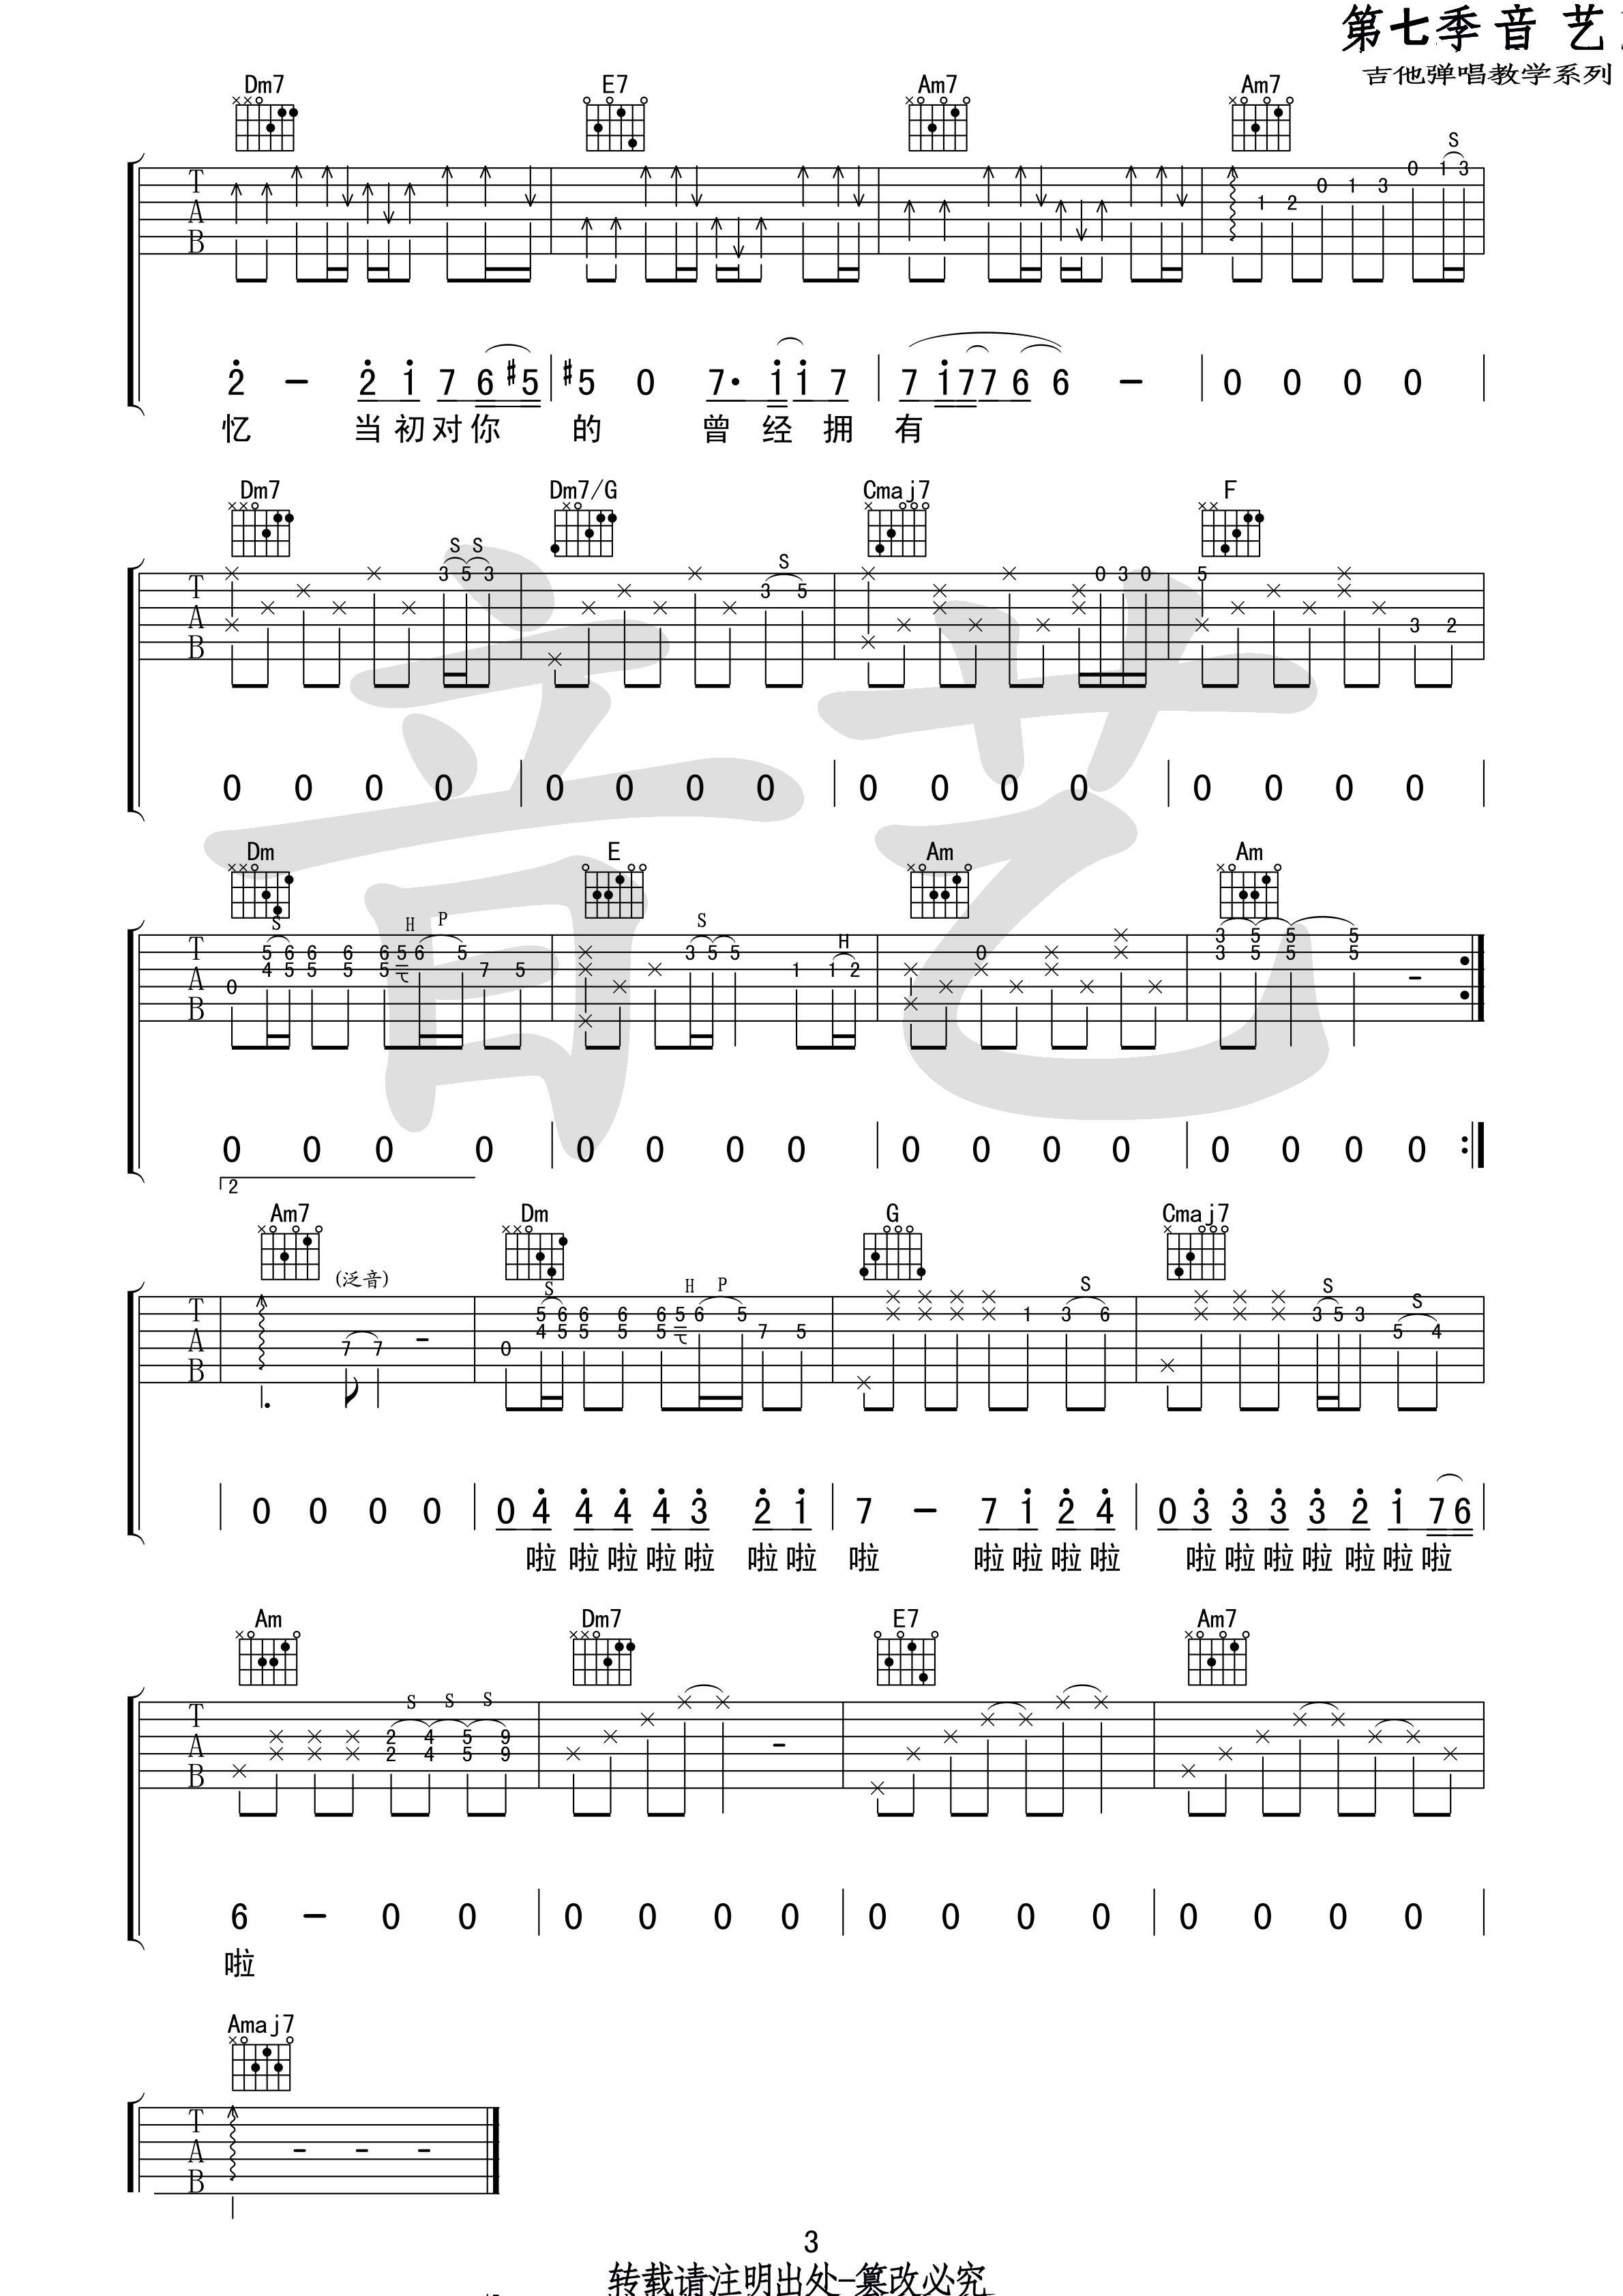 流着泪说分手(音艺吉他弹唱教学:第七季第71集)吉他谱(图片谱,弹唱,伴奏,音艺吉他弹唱教学)_金志文(小文;兄弟小文)_流着泪说分手3 第七季第七十一集.jpg